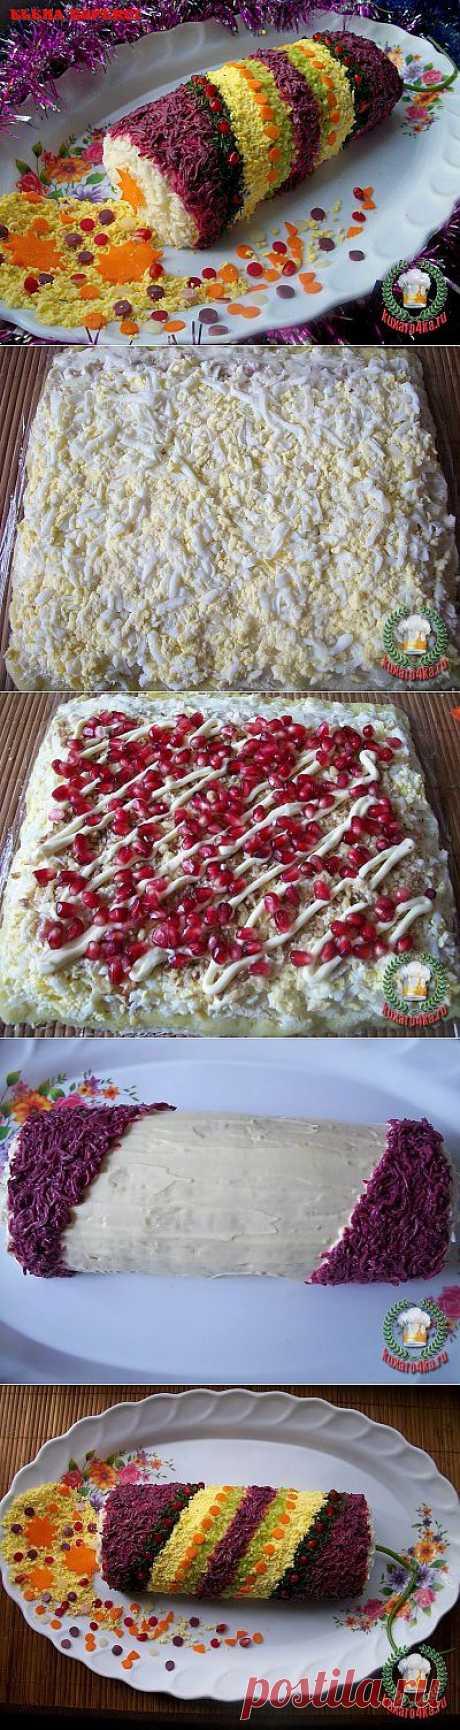 Салат «Новогодняя хлопушка» | Любимые рецепты